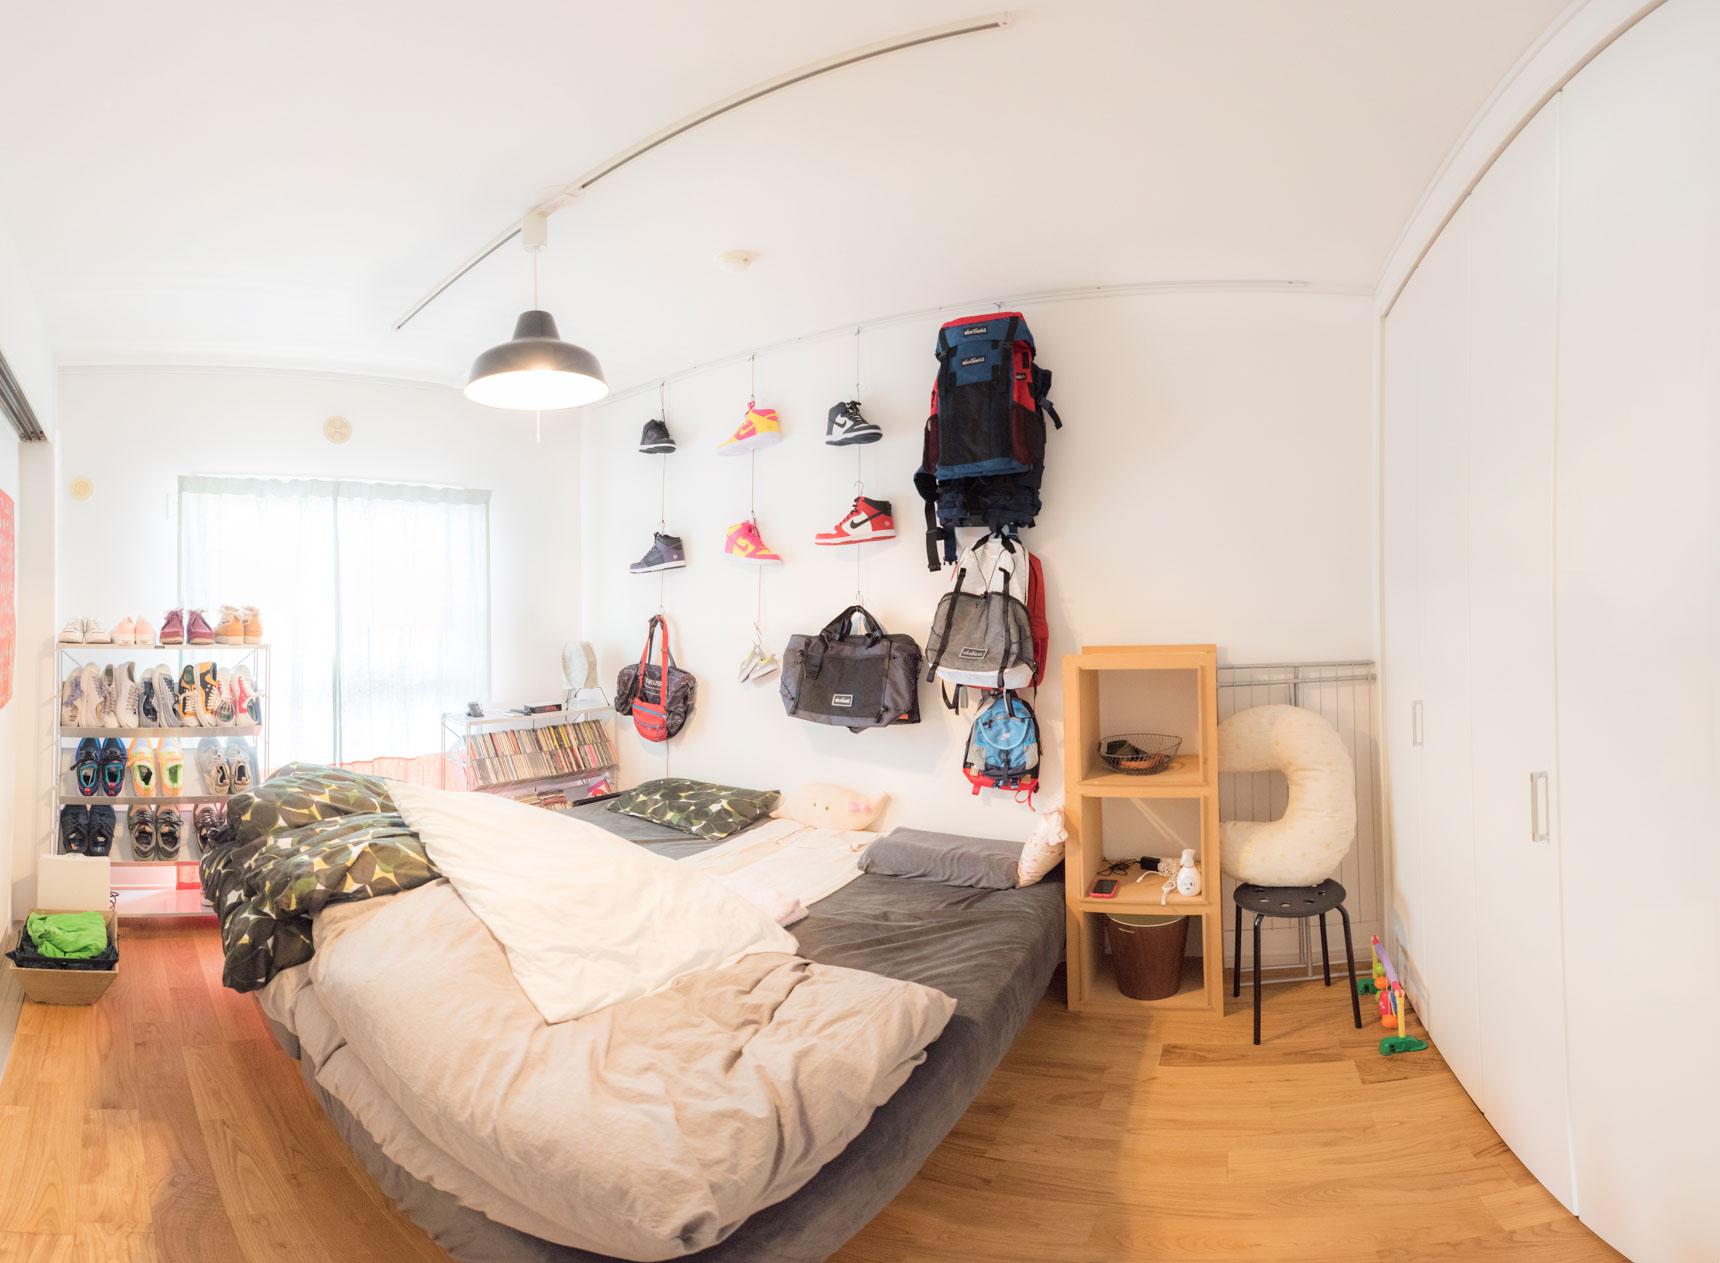 最後は何と靴を飾る方のお部屋!スニーカー収集が趣味の方にはぴったり。窓際にあるラックにもお気に入りのスニーカーが飾られていますね。(このお部屋をもっと見る)